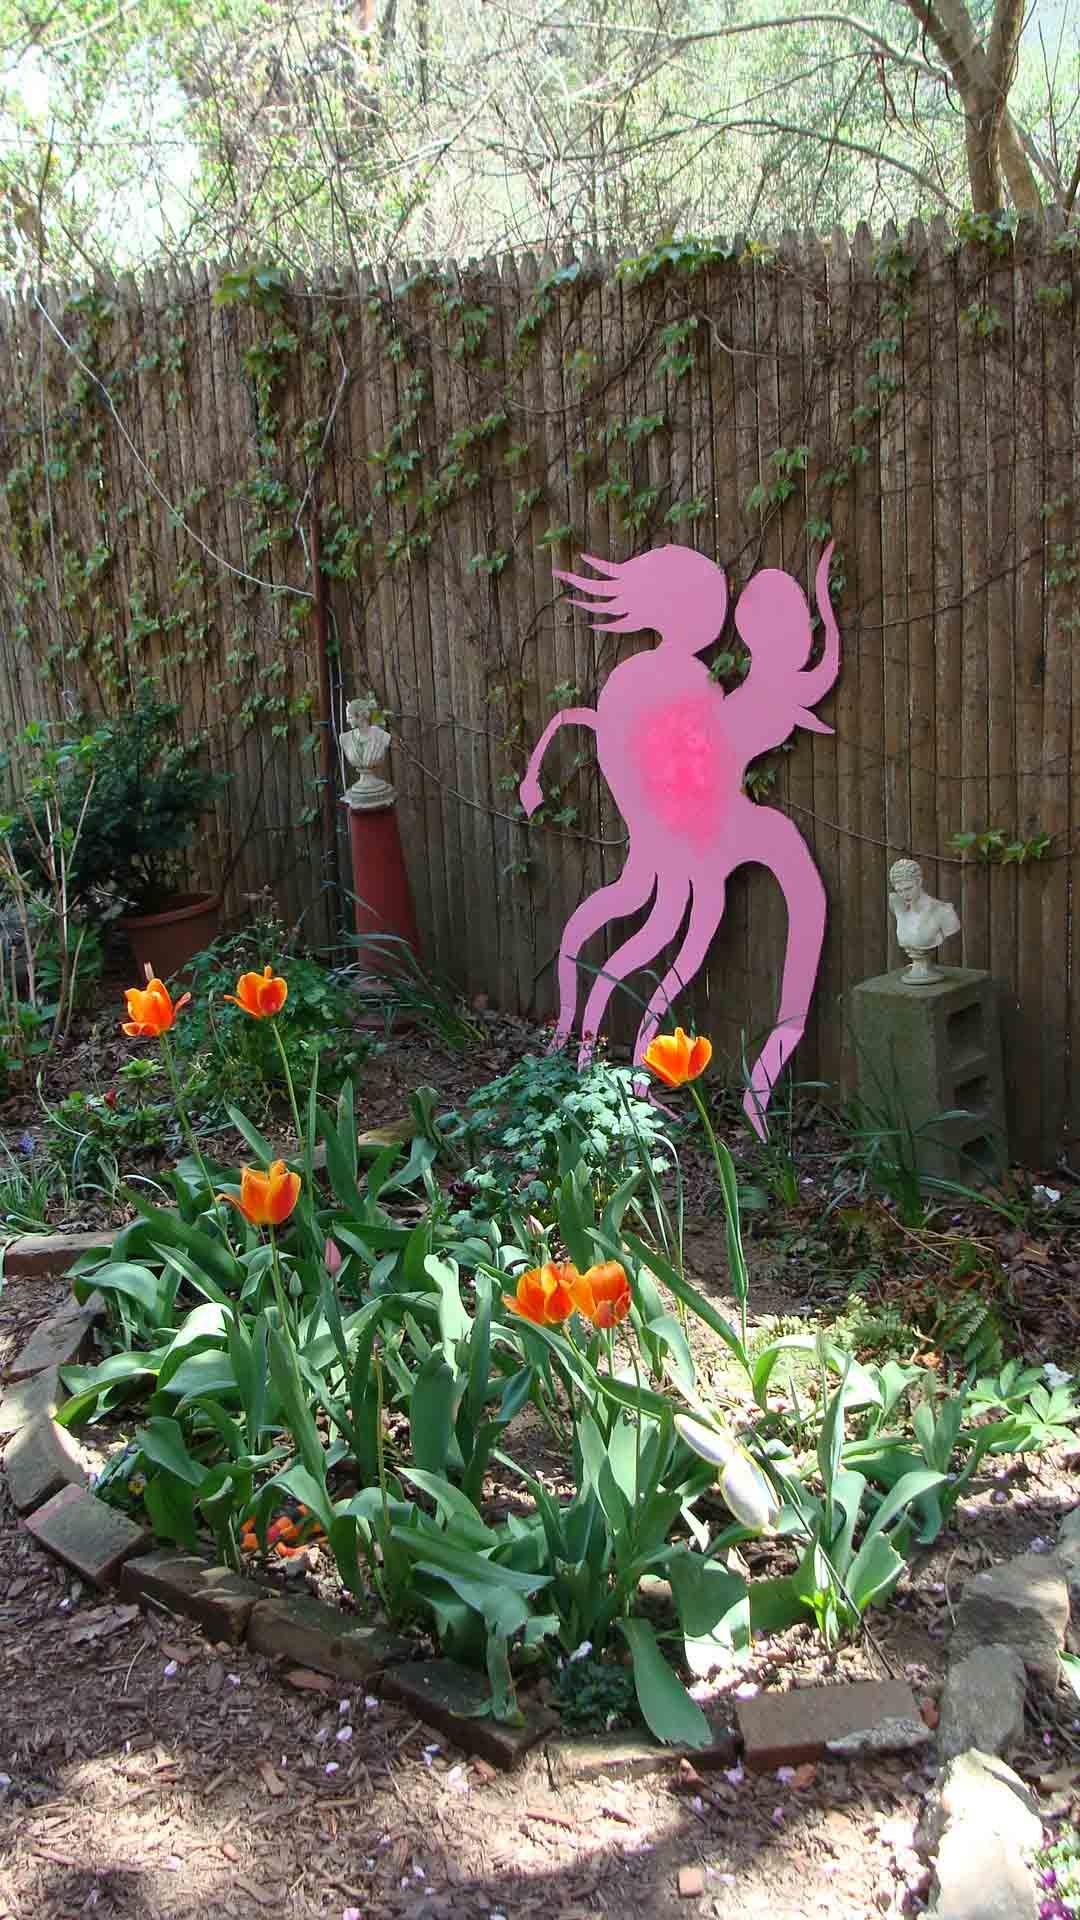 pink blossom monster